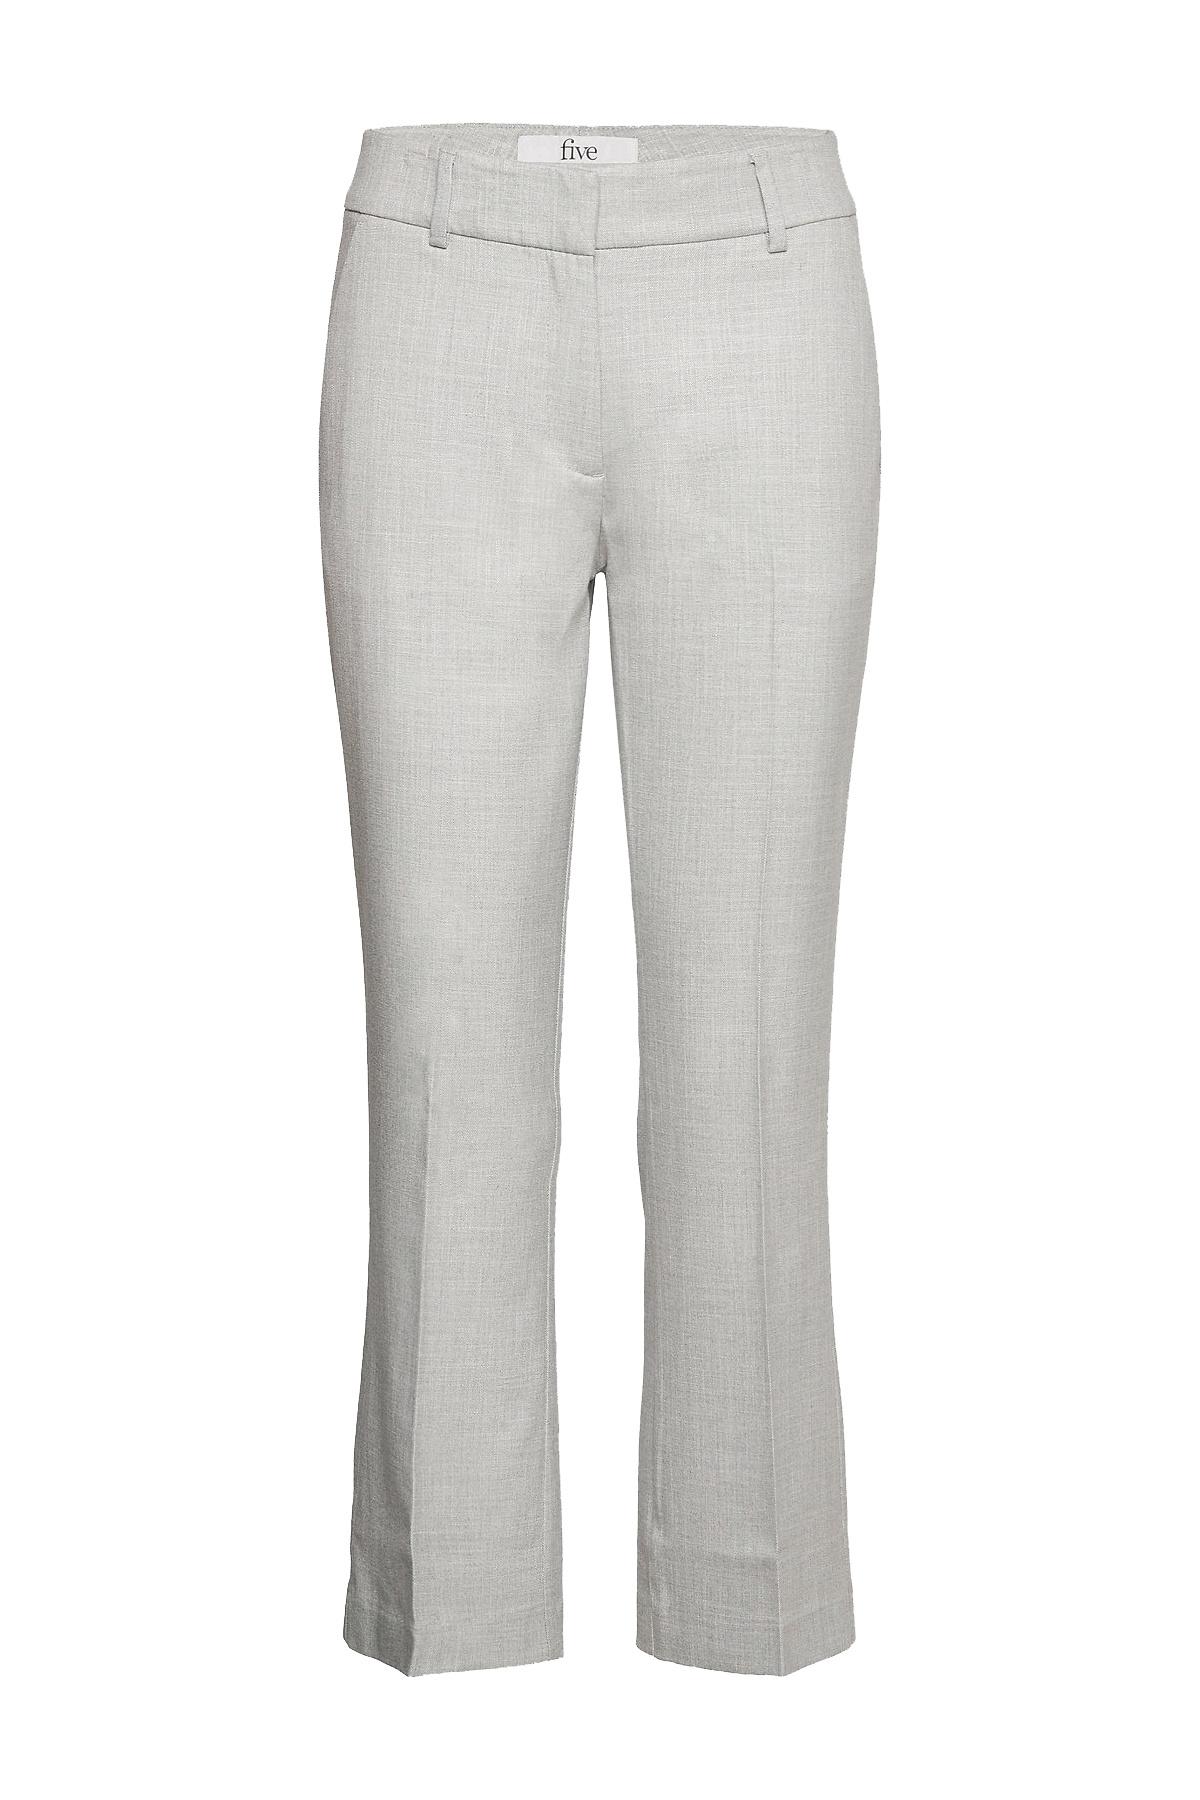 Clara Crop 721 Pant - Grey Melange-1